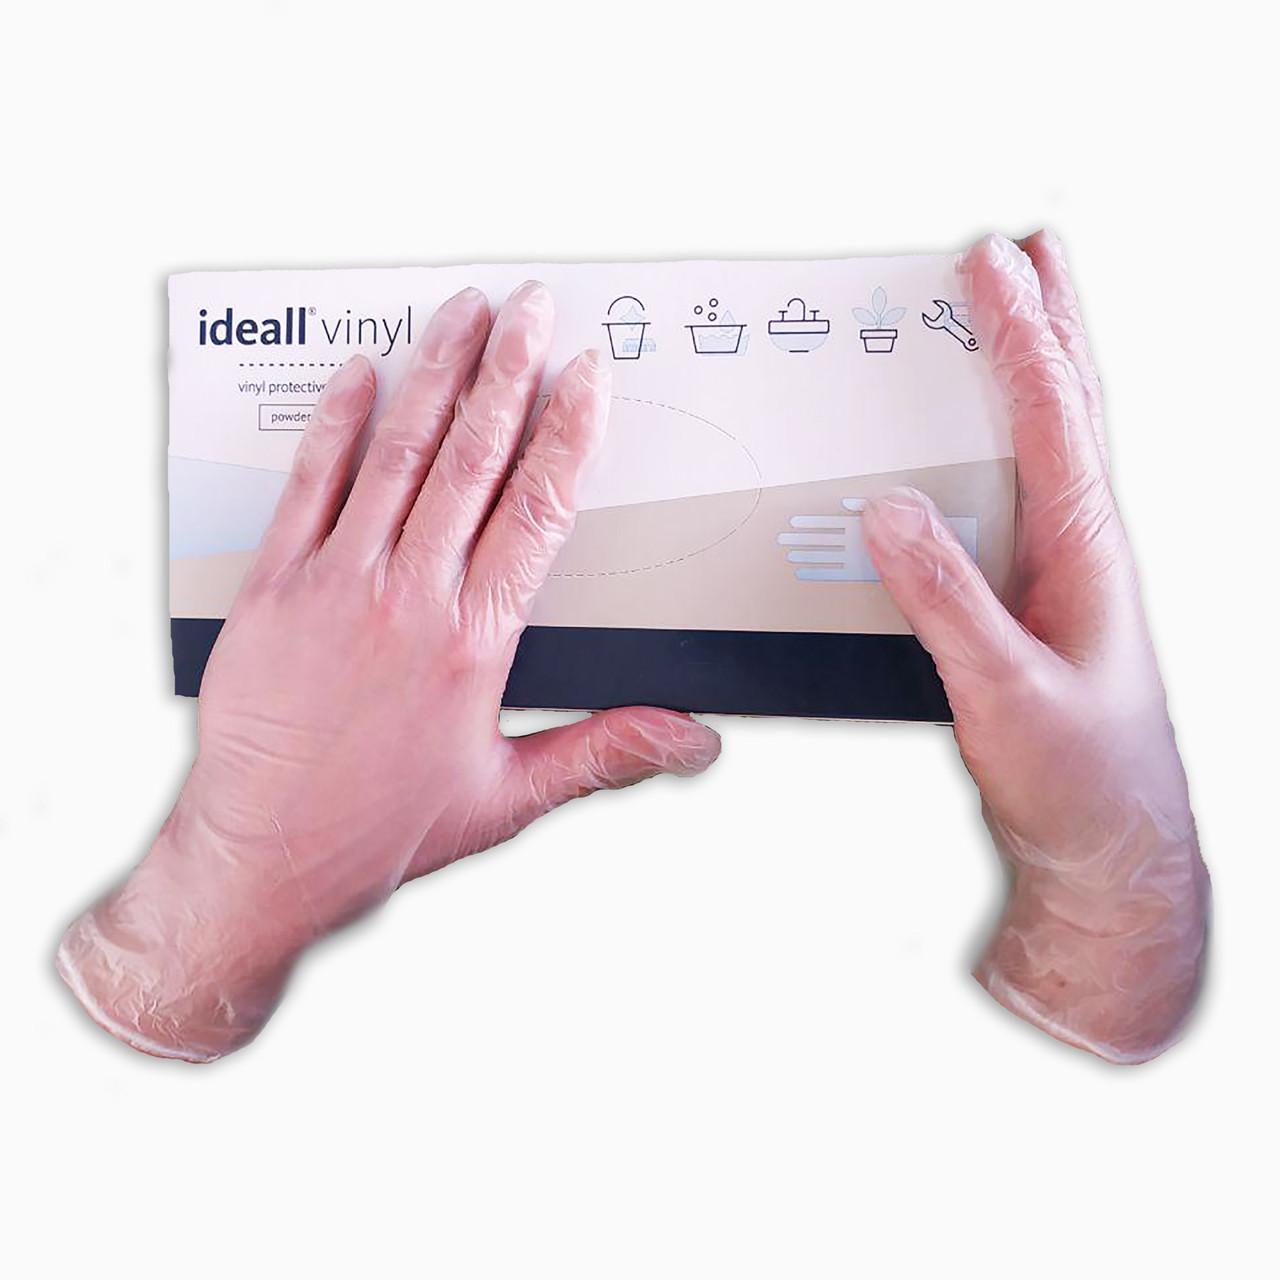 Перчатки виниловые Ideal Vinyl неопудренные нестерильные 100 шт  размер   L прозрачные